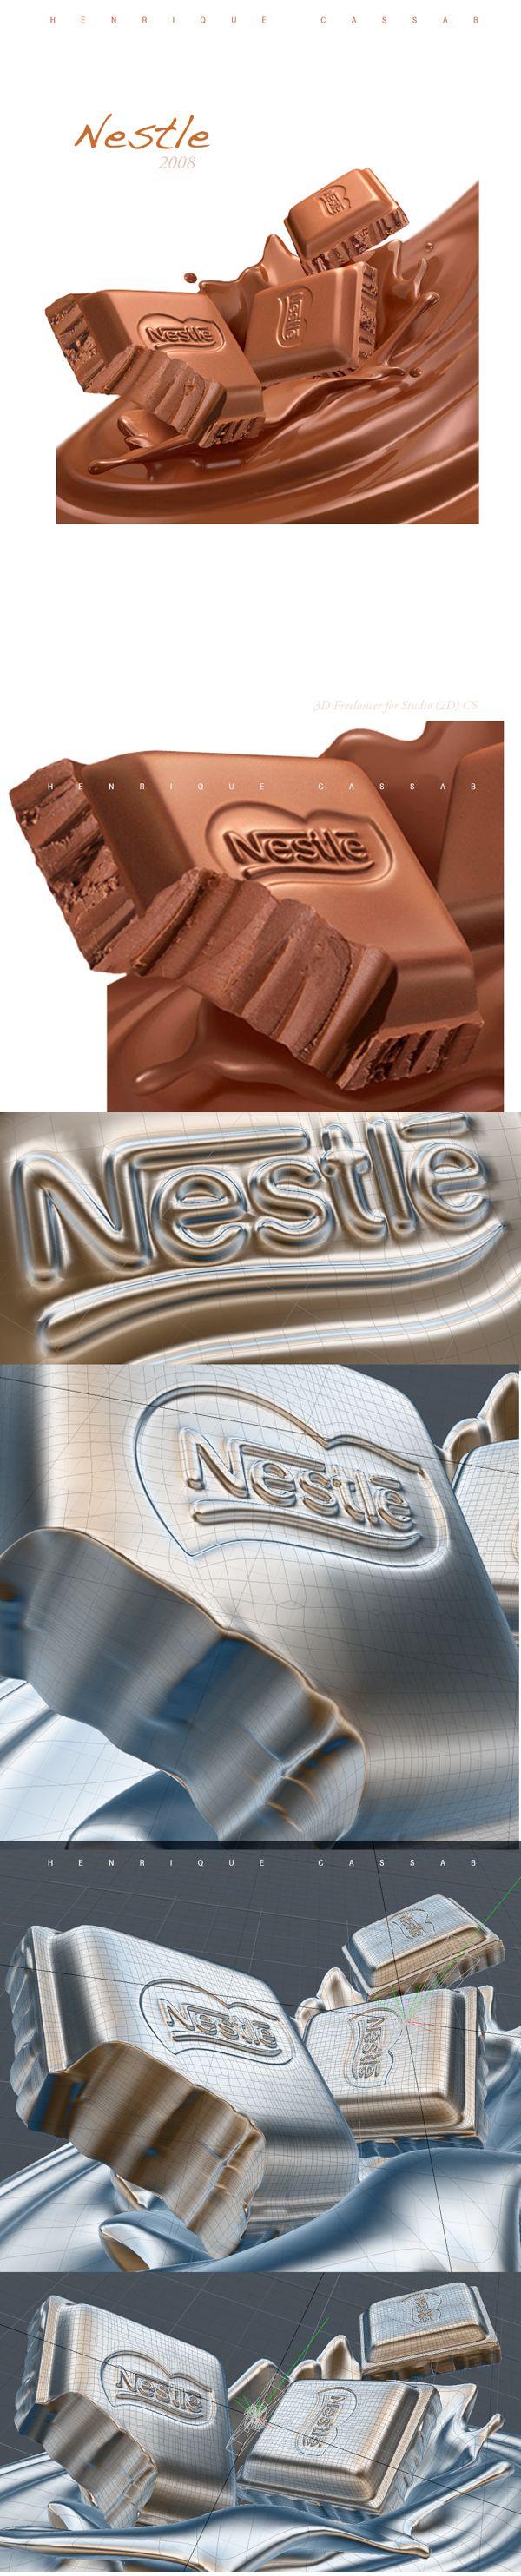 NESTLE 2008 by Henrique Cassab